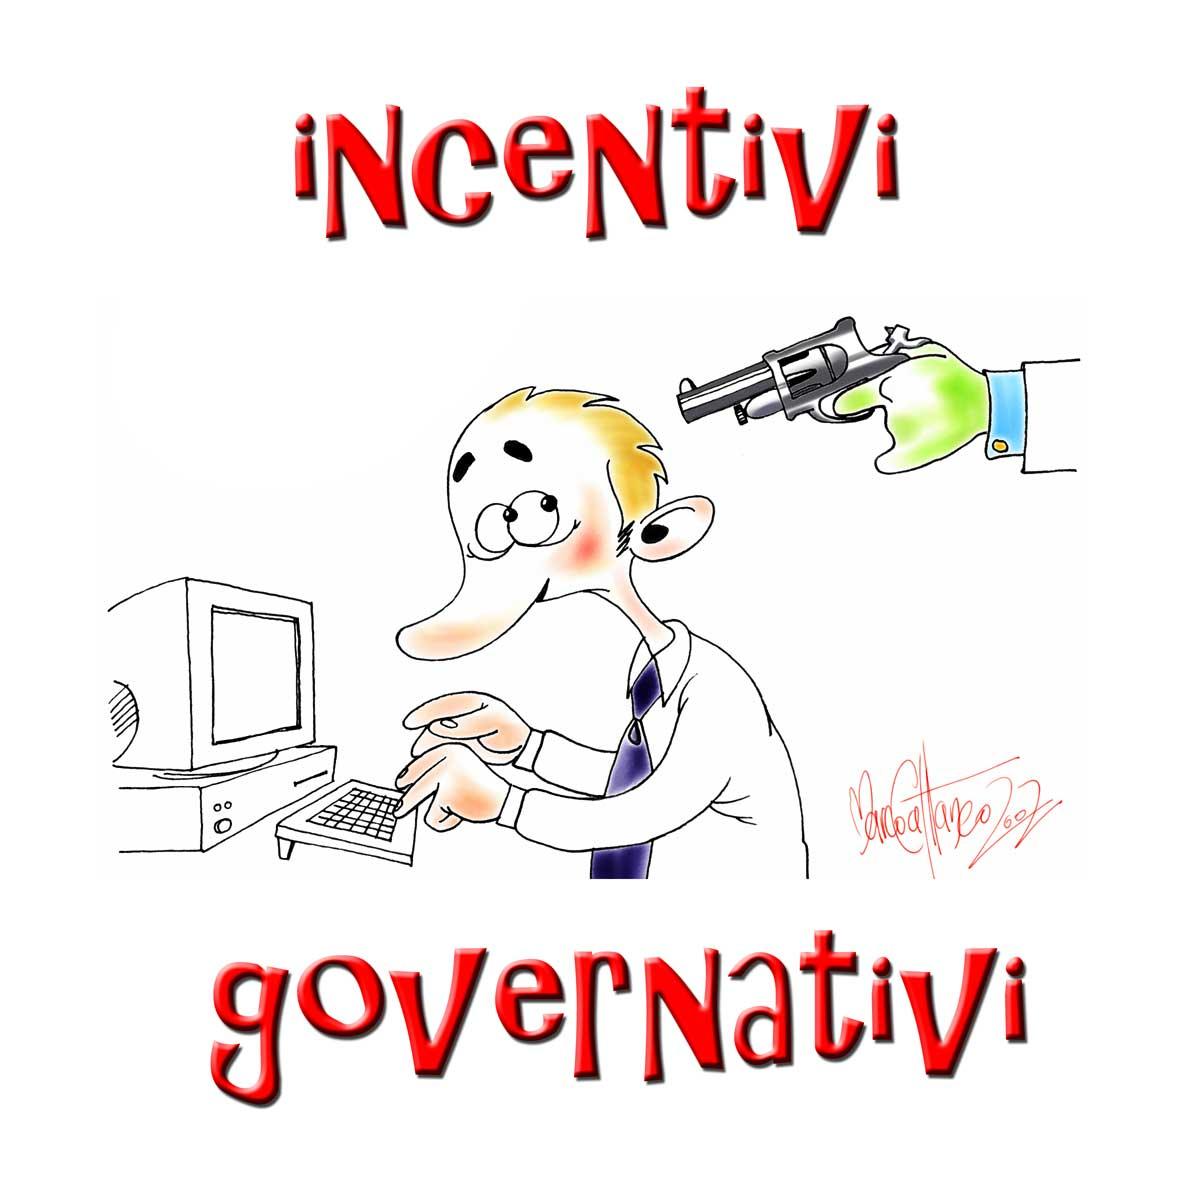 Il paradosso del Governo, che incentiva l'innovazione disincentivando la ricerca